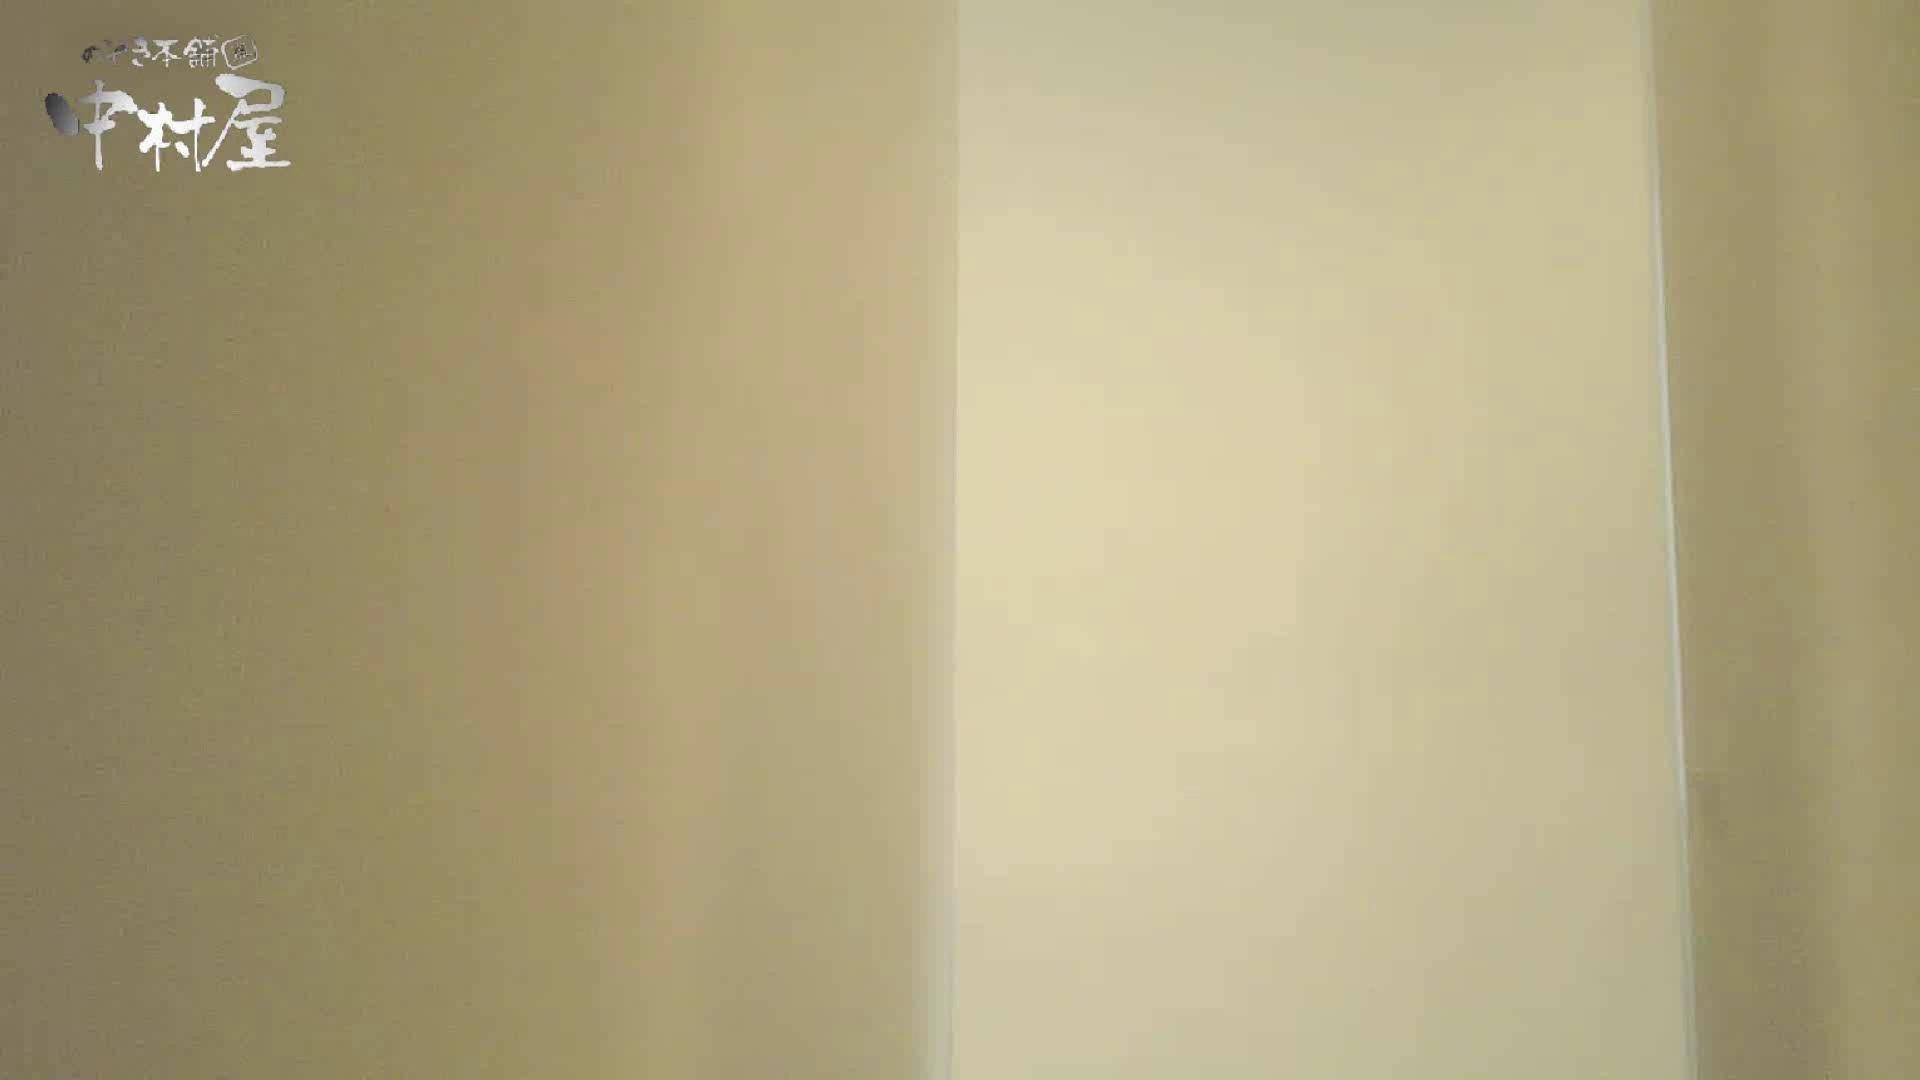 【某有名大学女性洗面所】有名大学女性洗面所 vol.41 素敵なオシリとお顔がいっぱい。抜き過ぎ注意報!